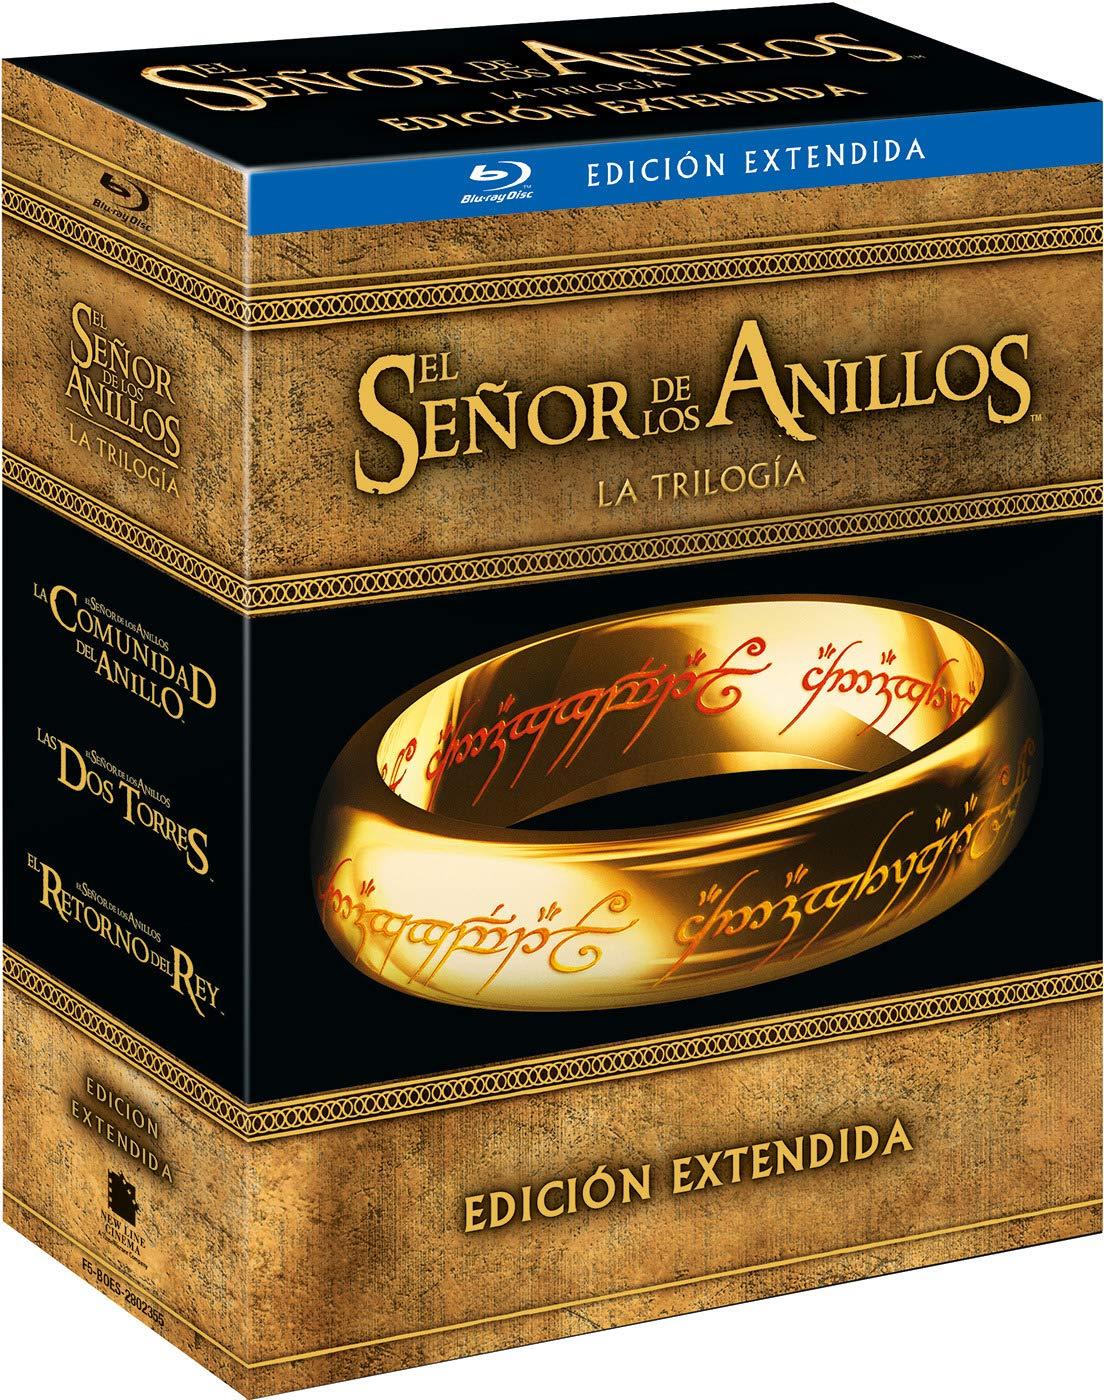 Trilogía El Señor de los Anillos Blu-ray